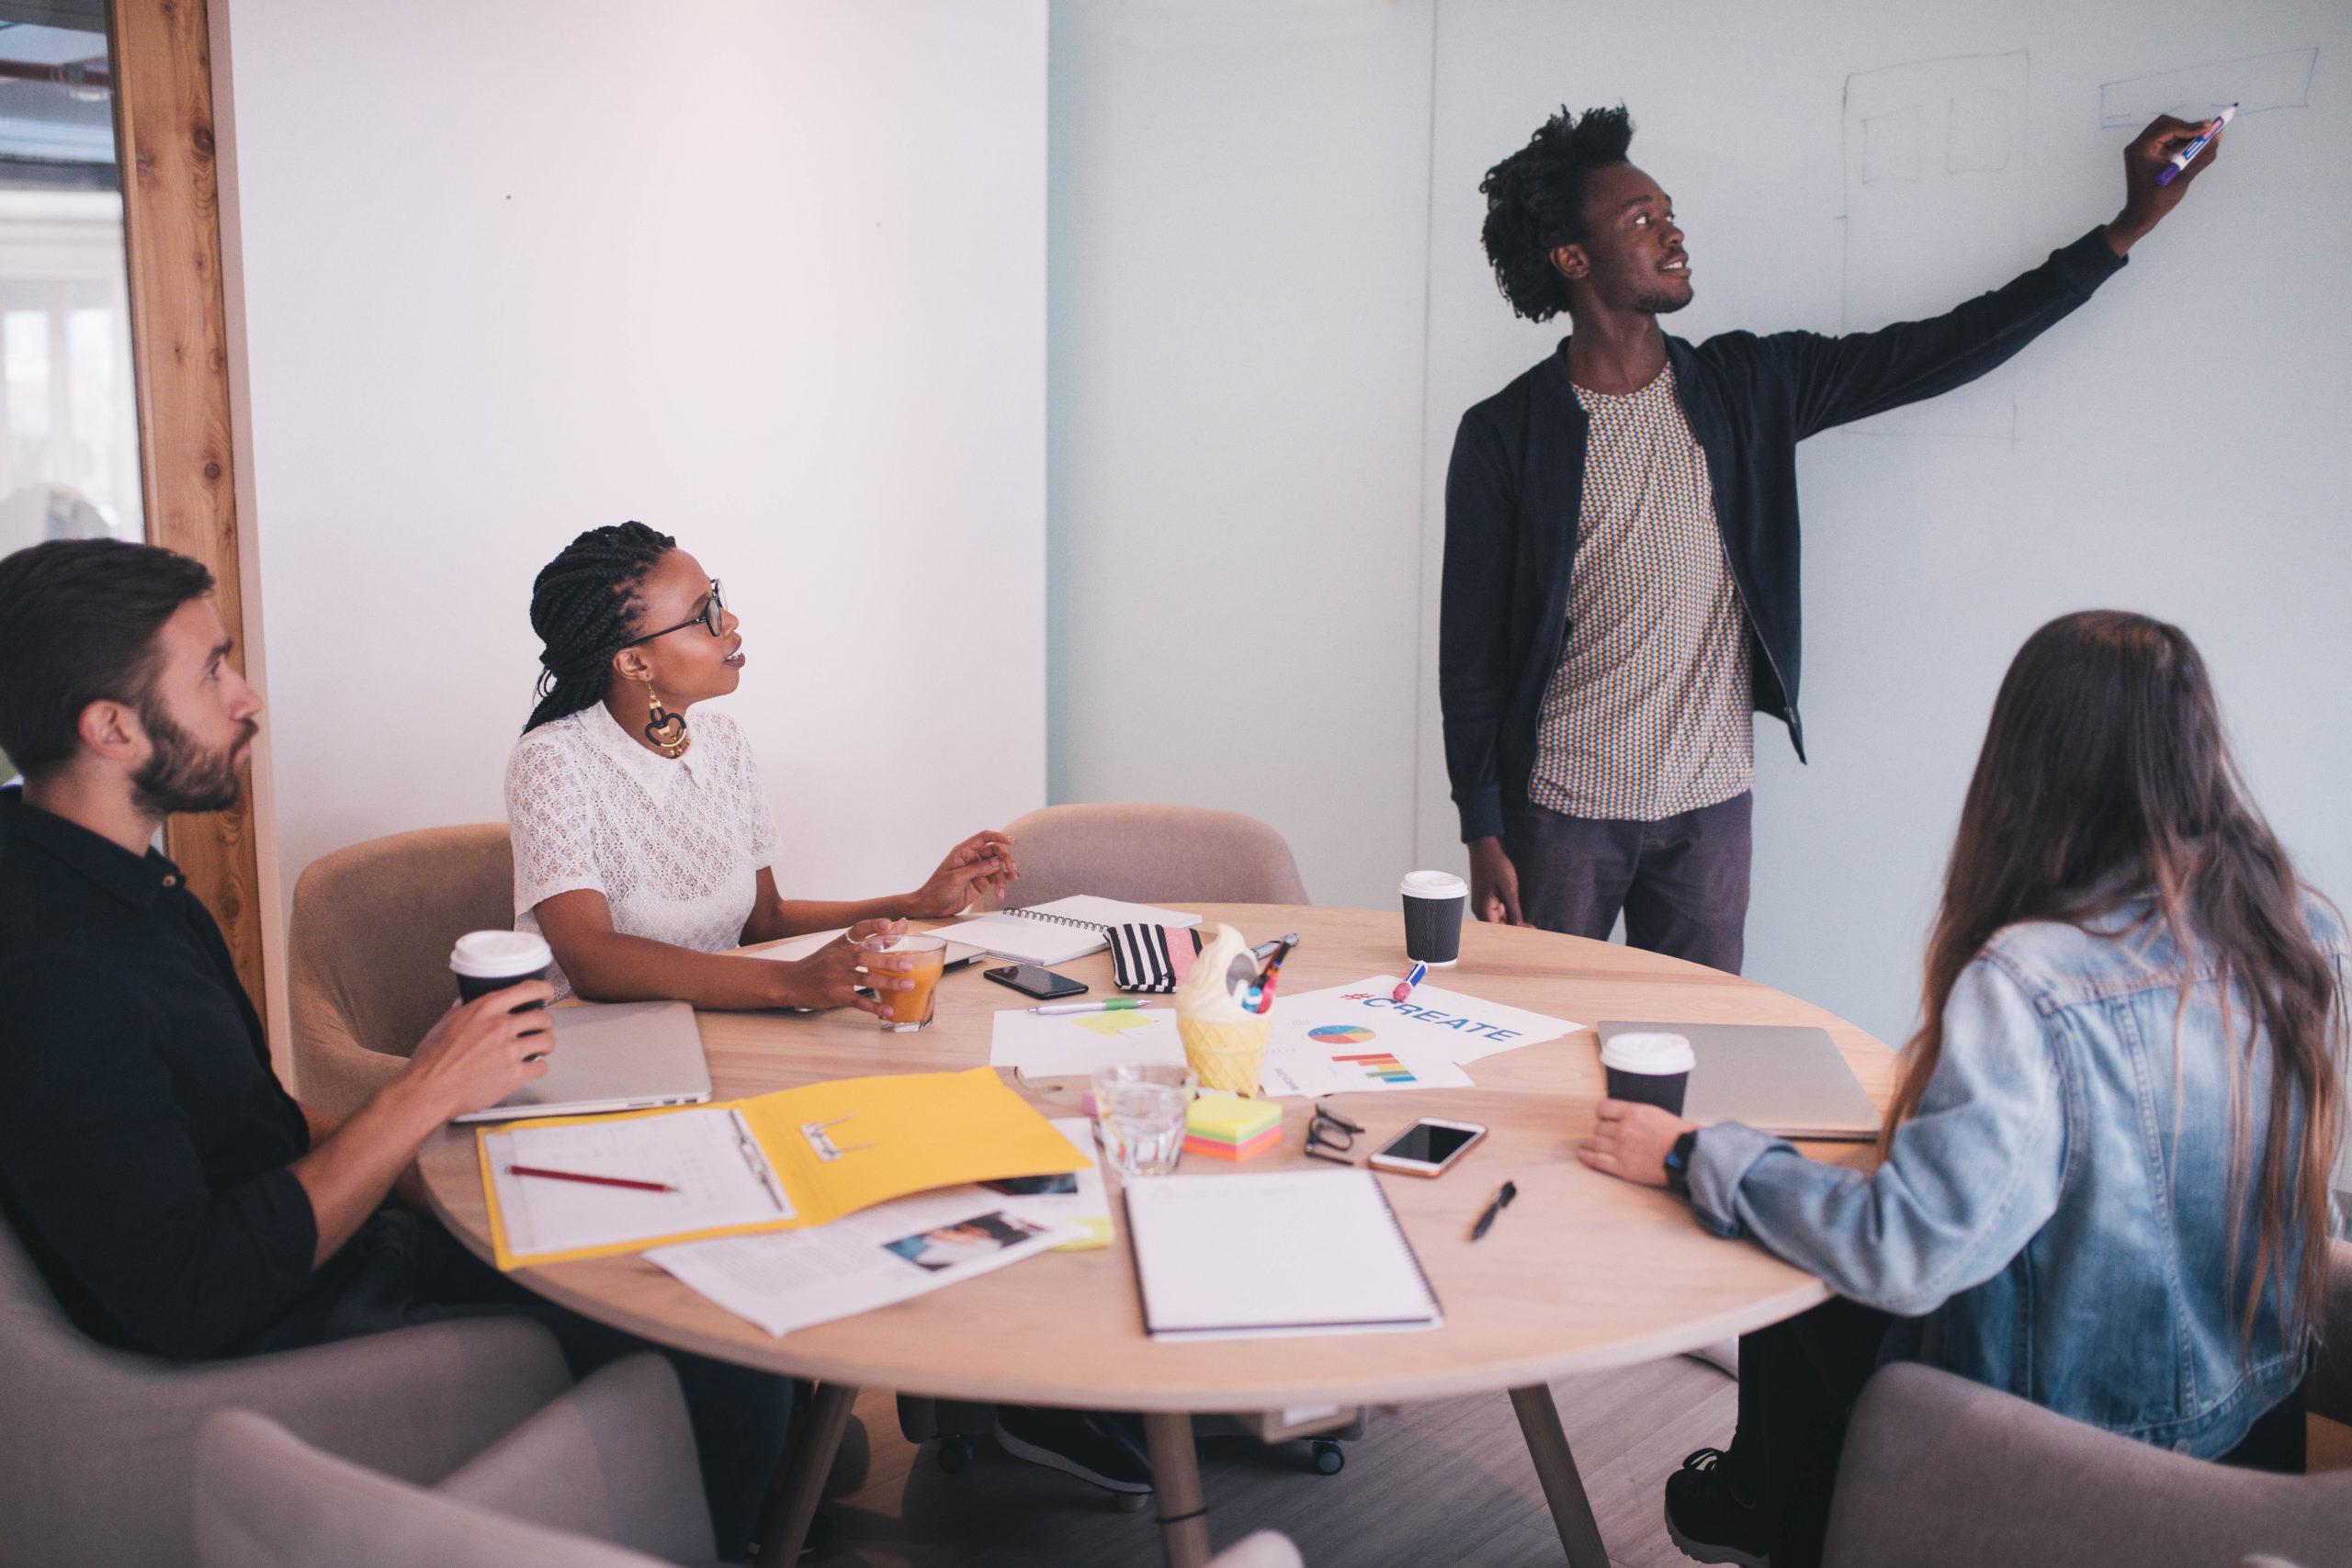 education-office-work-meeting-team-communicate-brainstorming-meeting-room-start-up-board-room_t20_oEGlbW